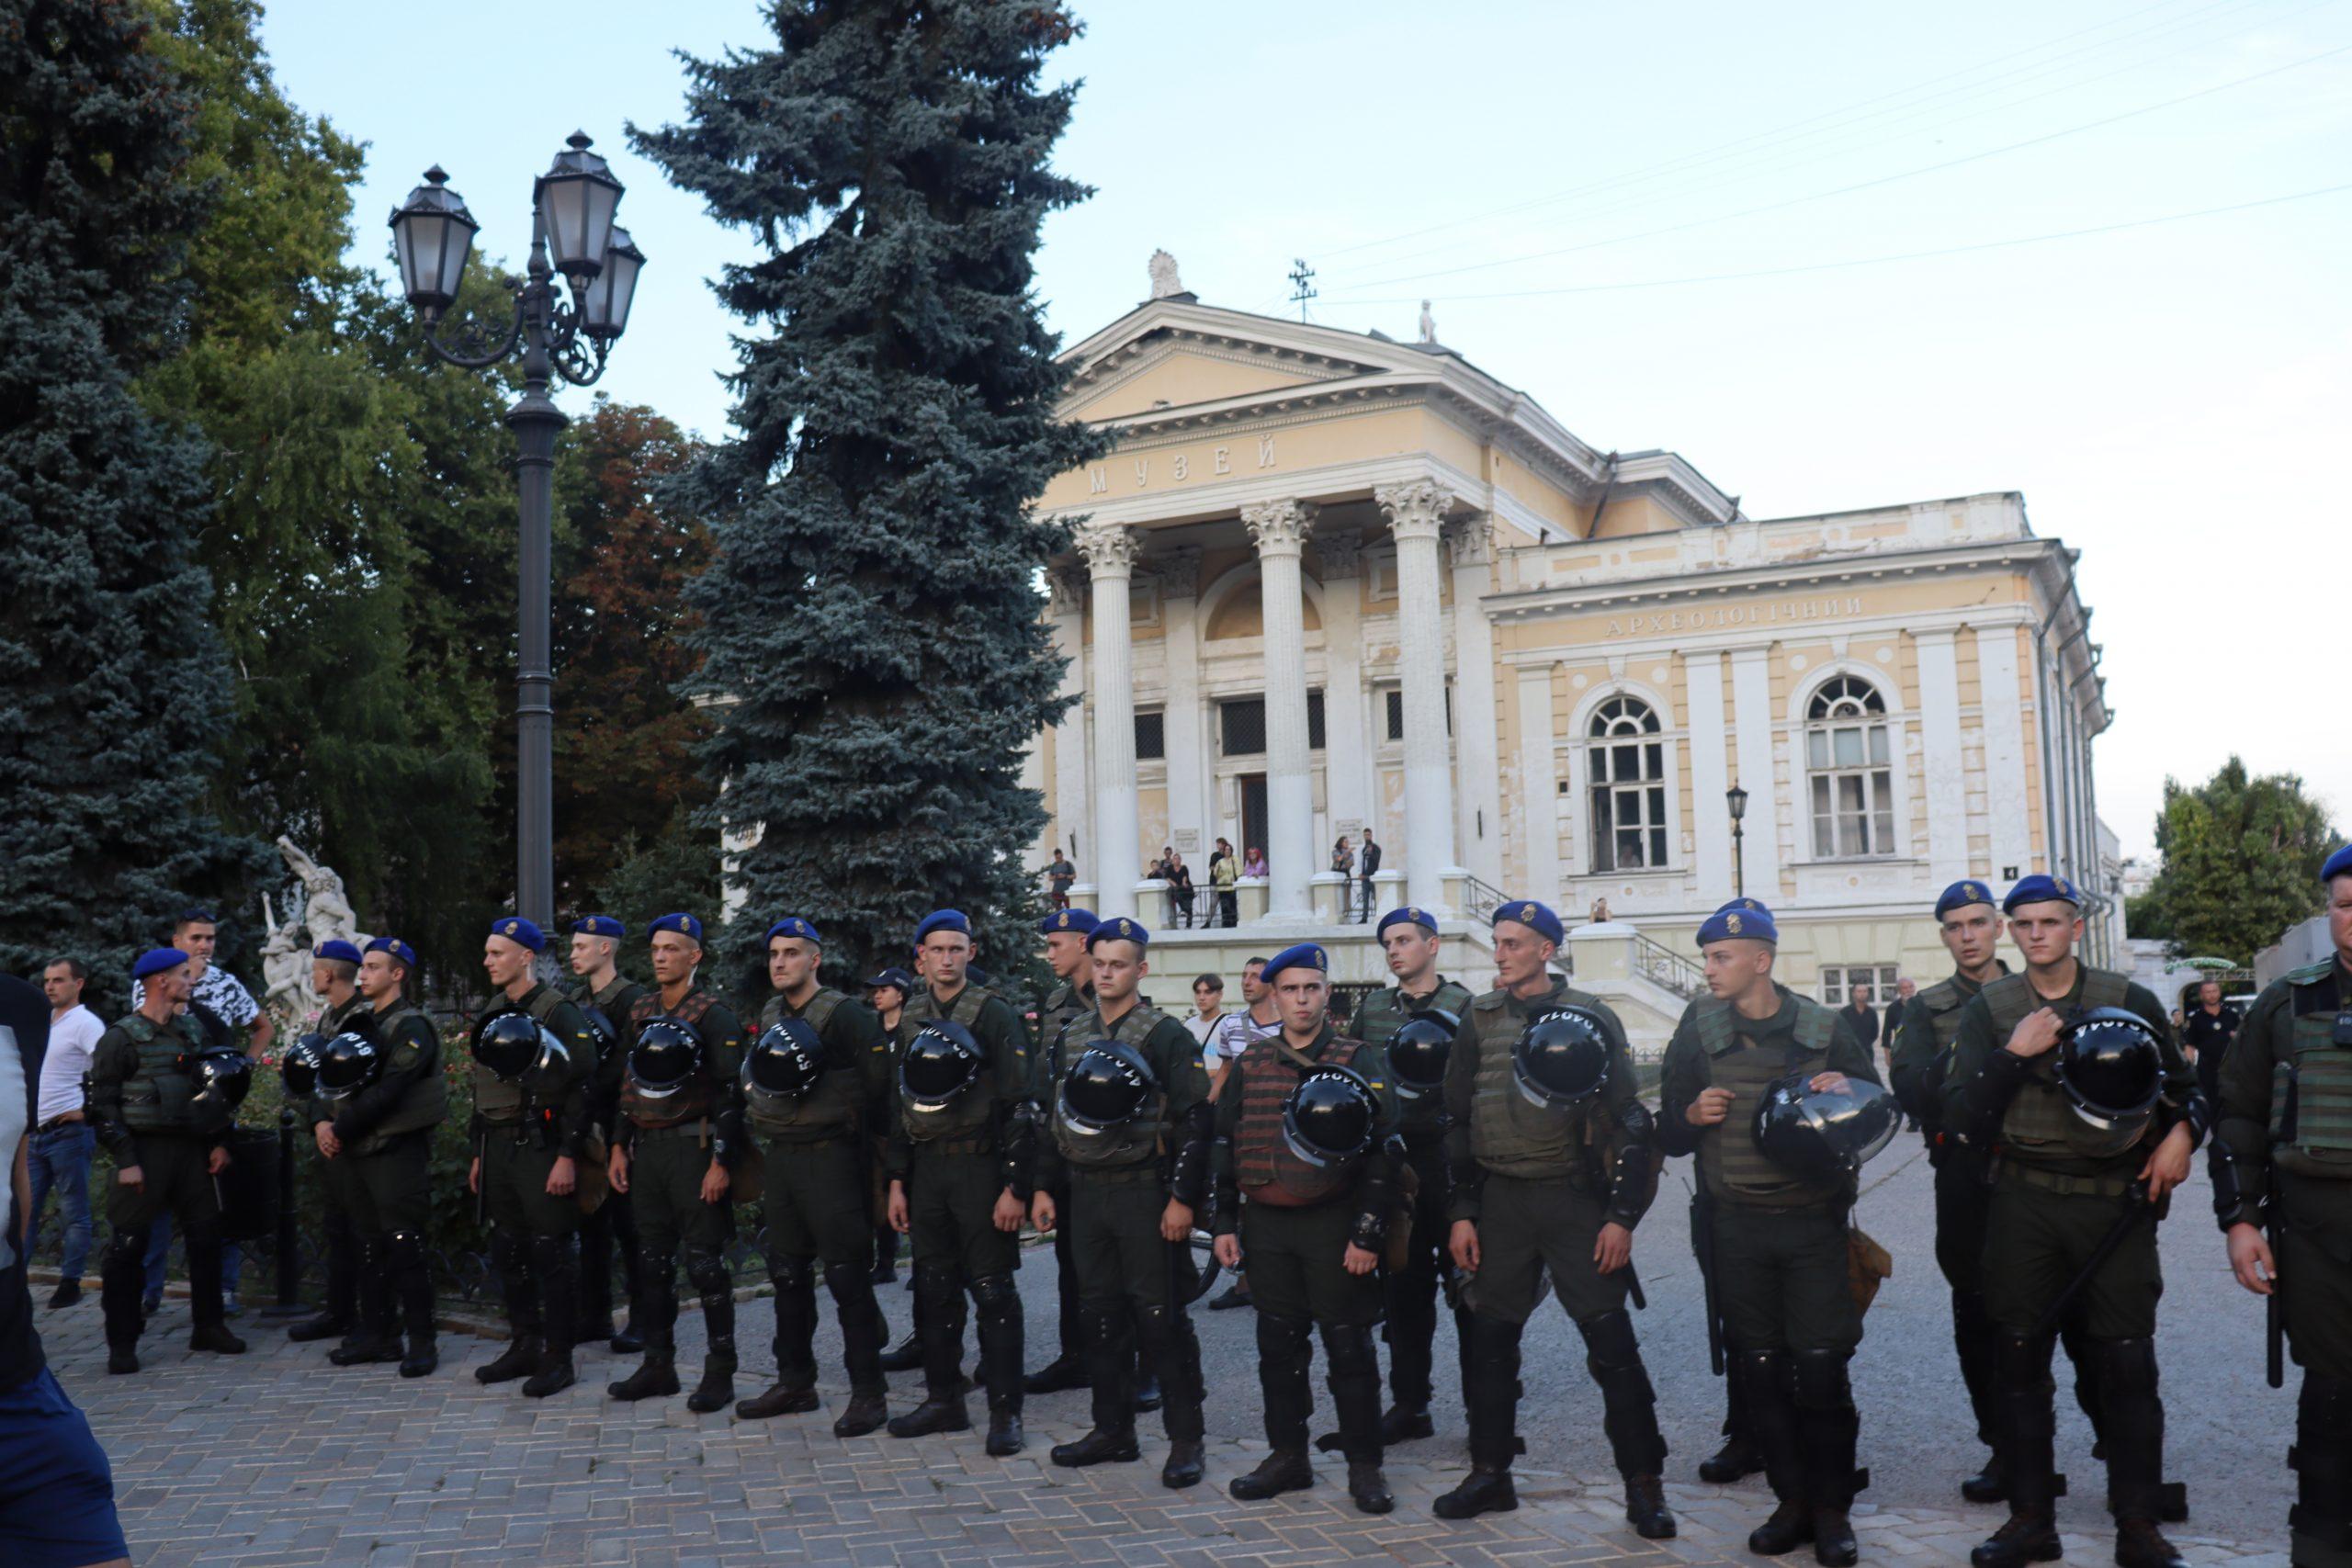 Полиция и Одесса Прайд: взрывы, провокации, угрозы. Эксклюзивный фоторепортаж